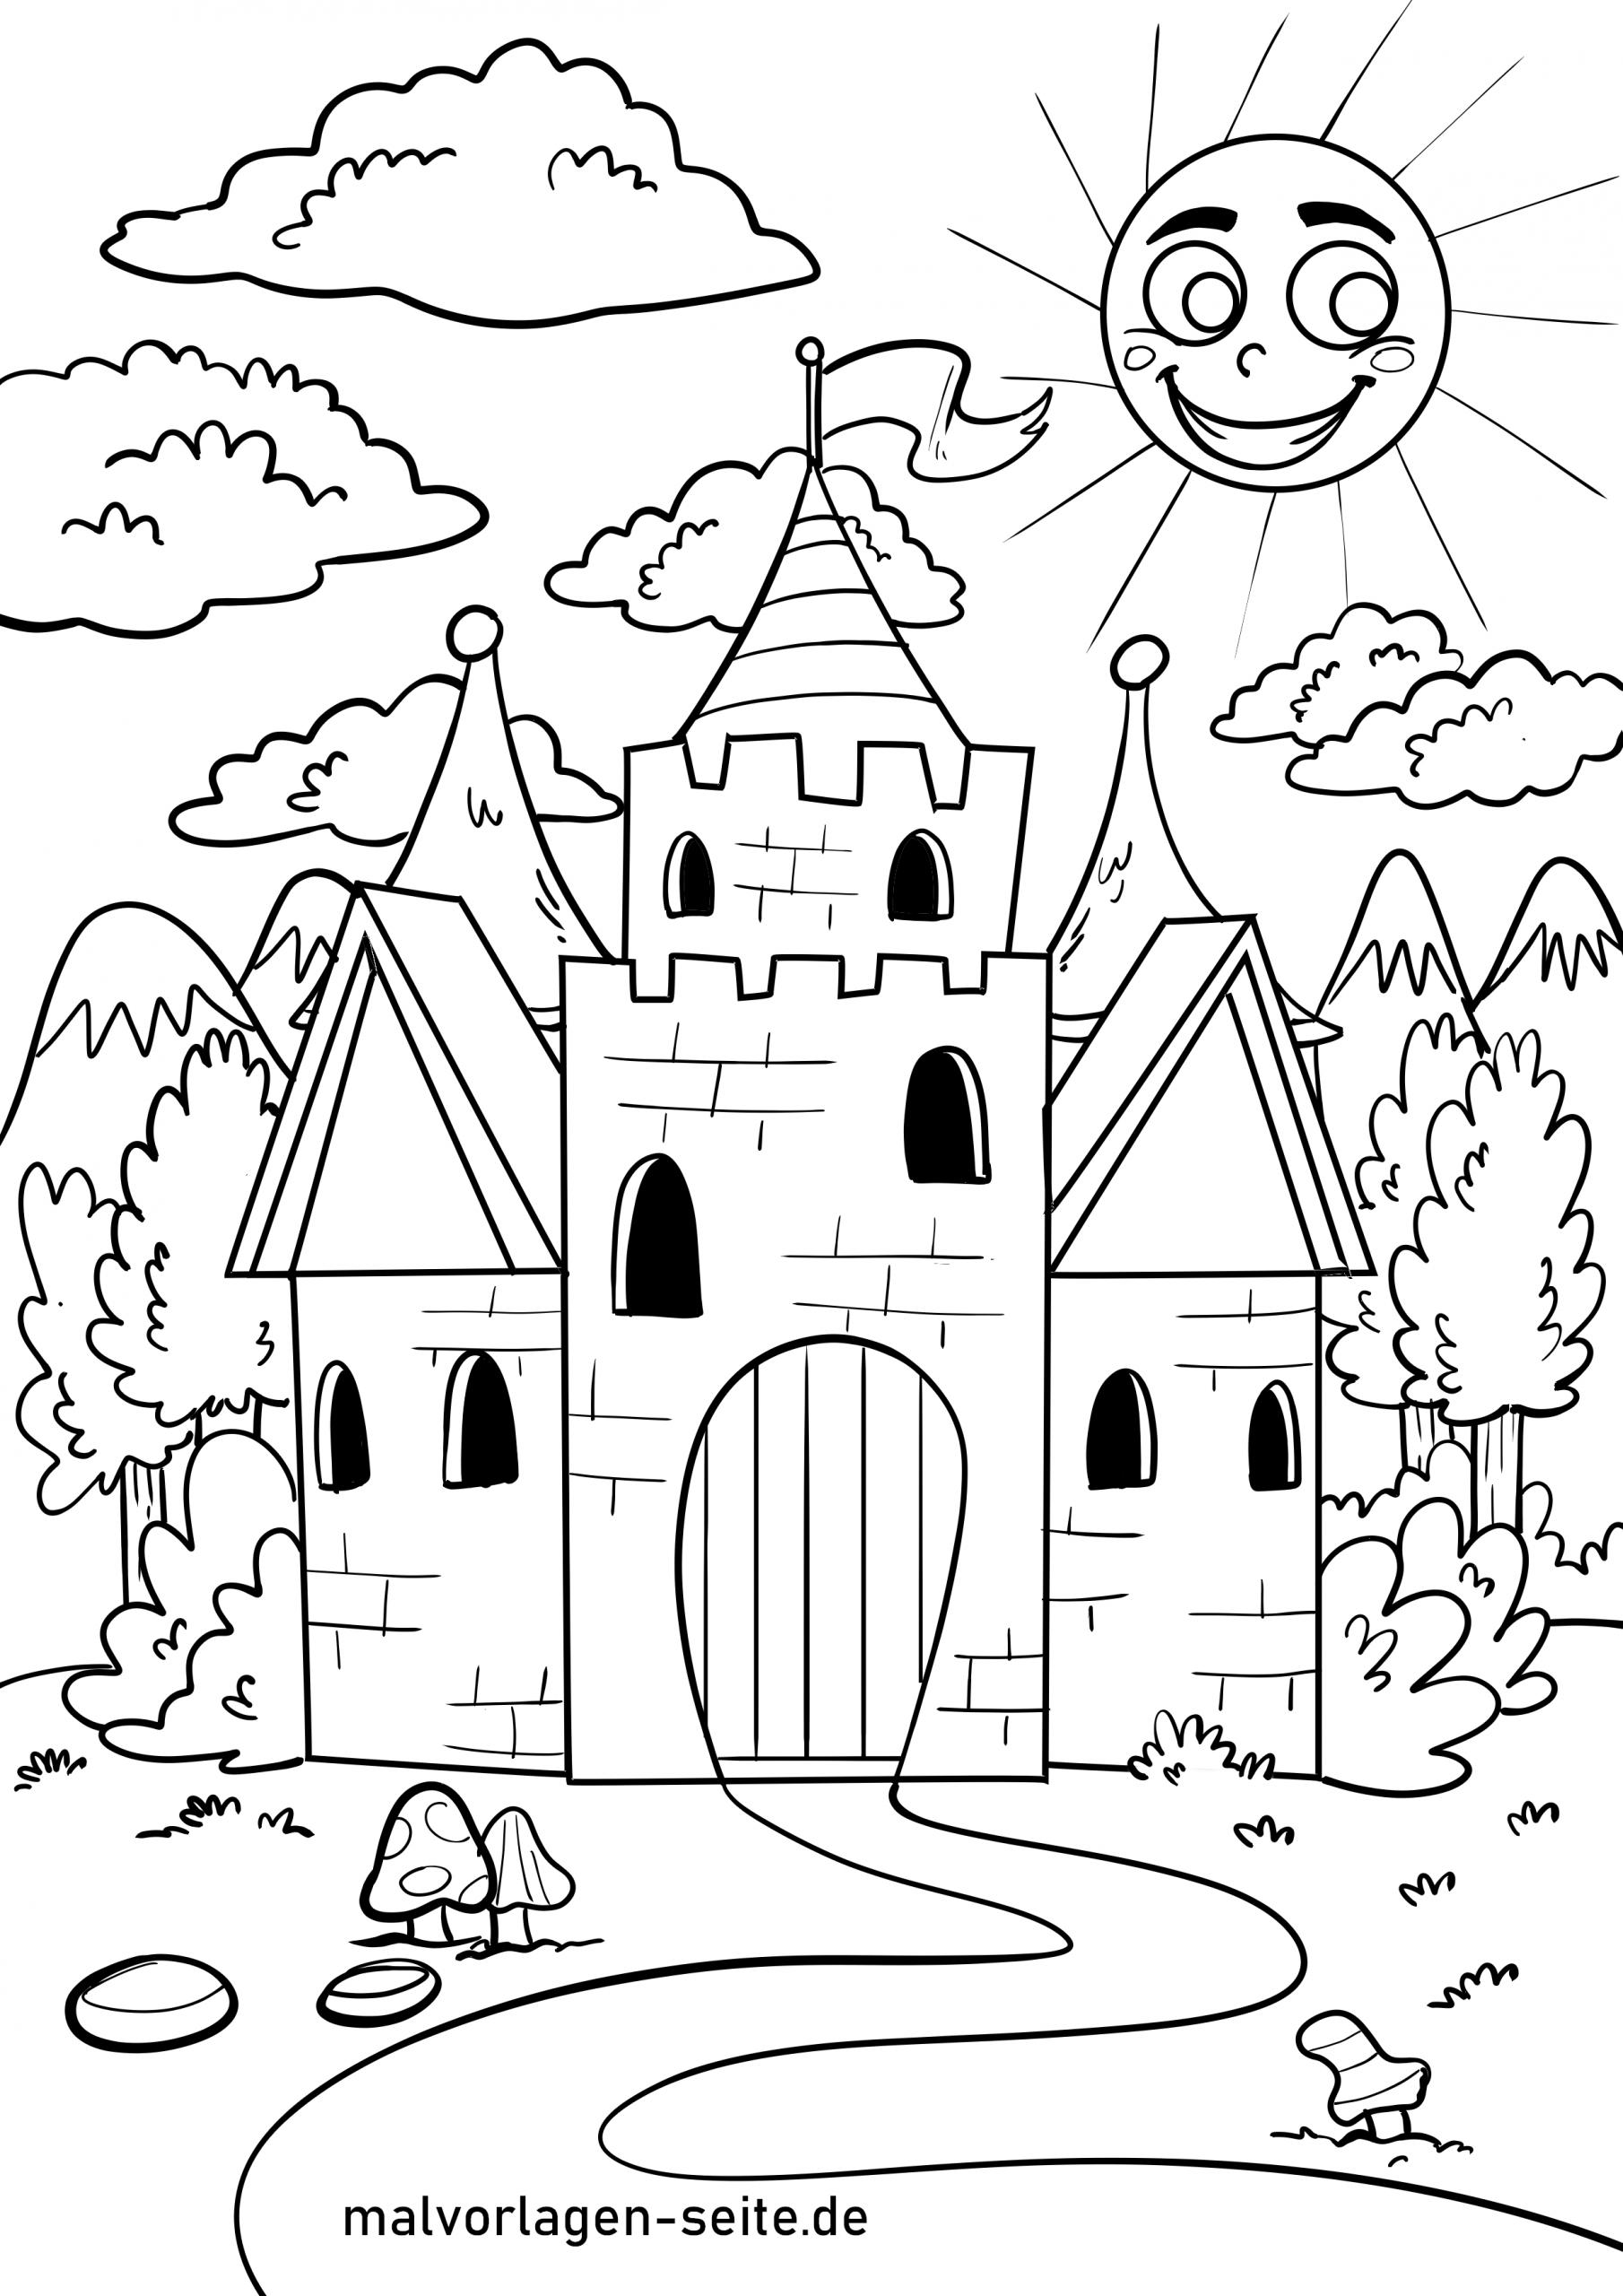 Ausmalbild Burg - Ausmalbilder Kostenlos Herunterladen innen Ausmalbild Burg